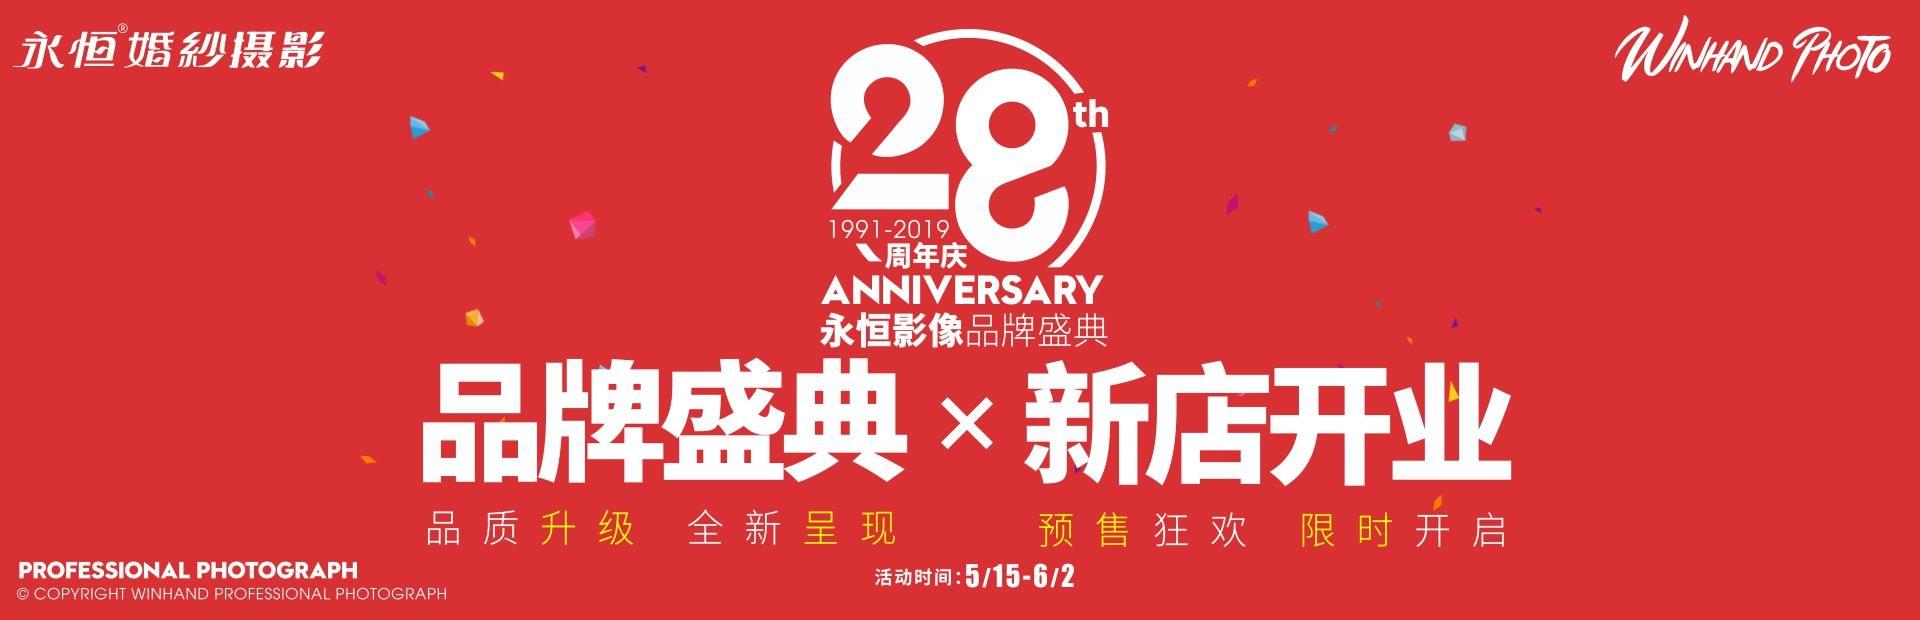 永恒婚纱摄影-28年品牌盛典&新店开业